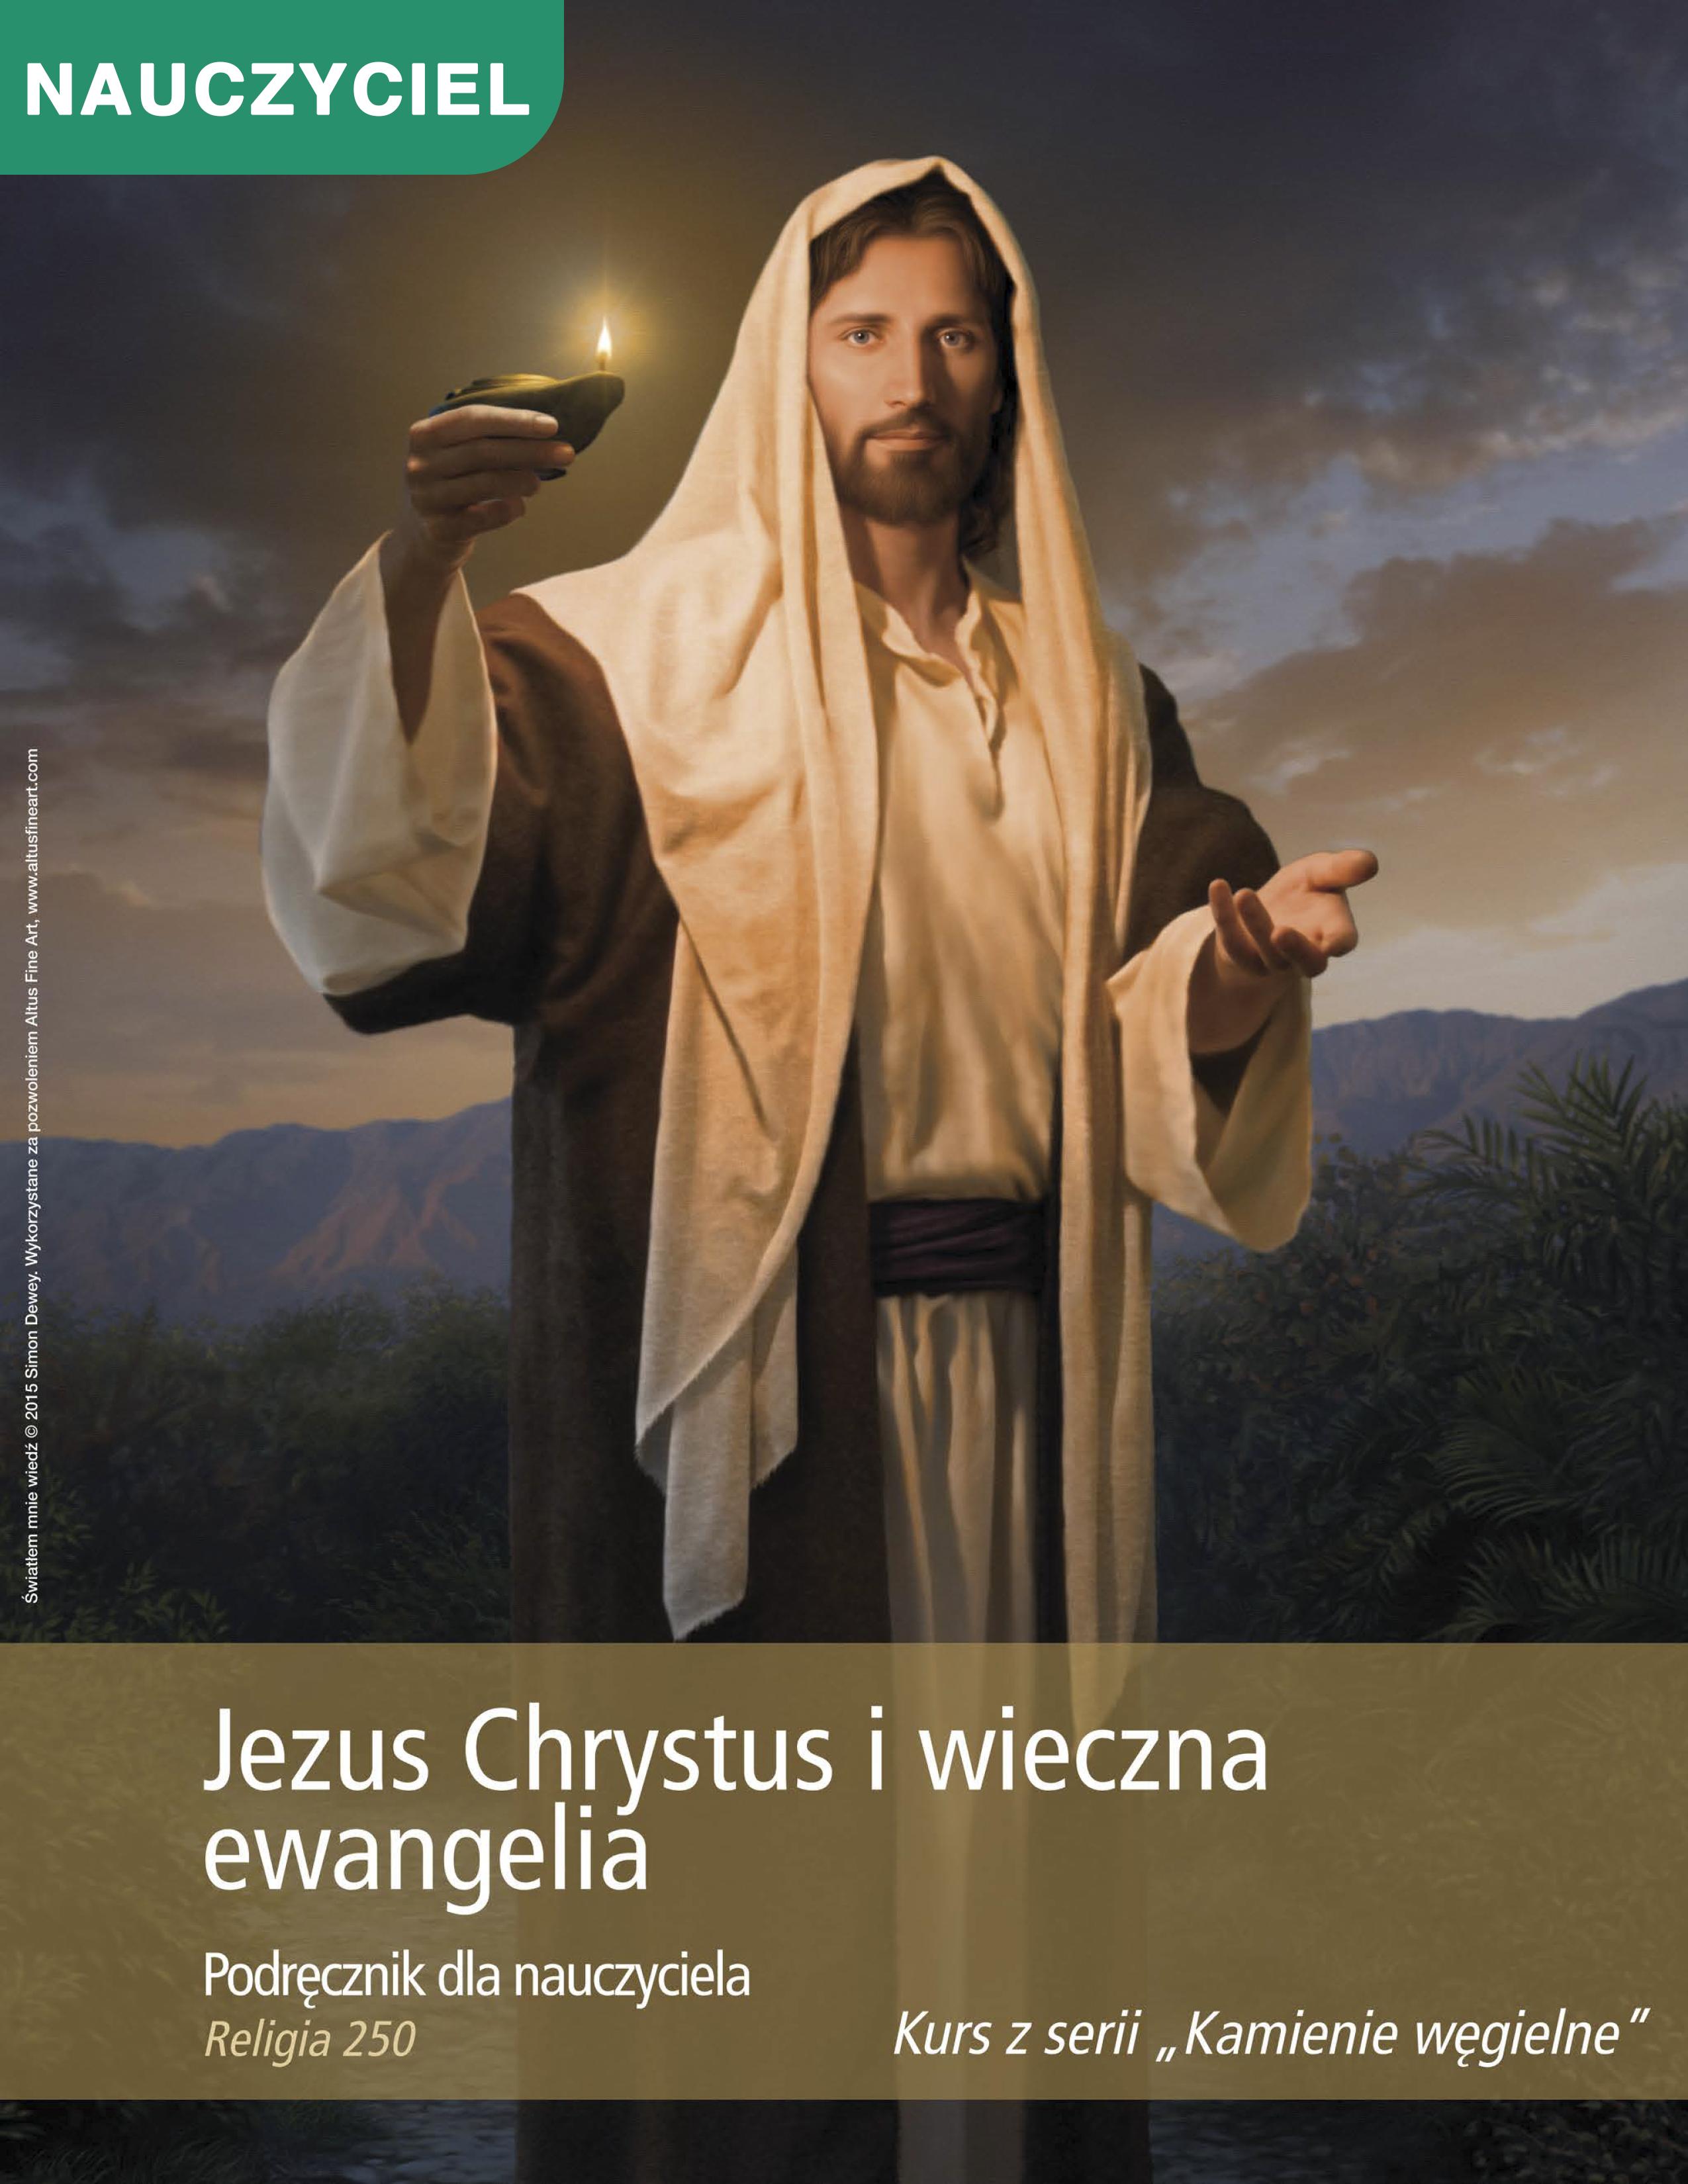 Jezus Chrystus i wieczna ewangelia. Podręcznik dla nauczyciela (Rel 250)